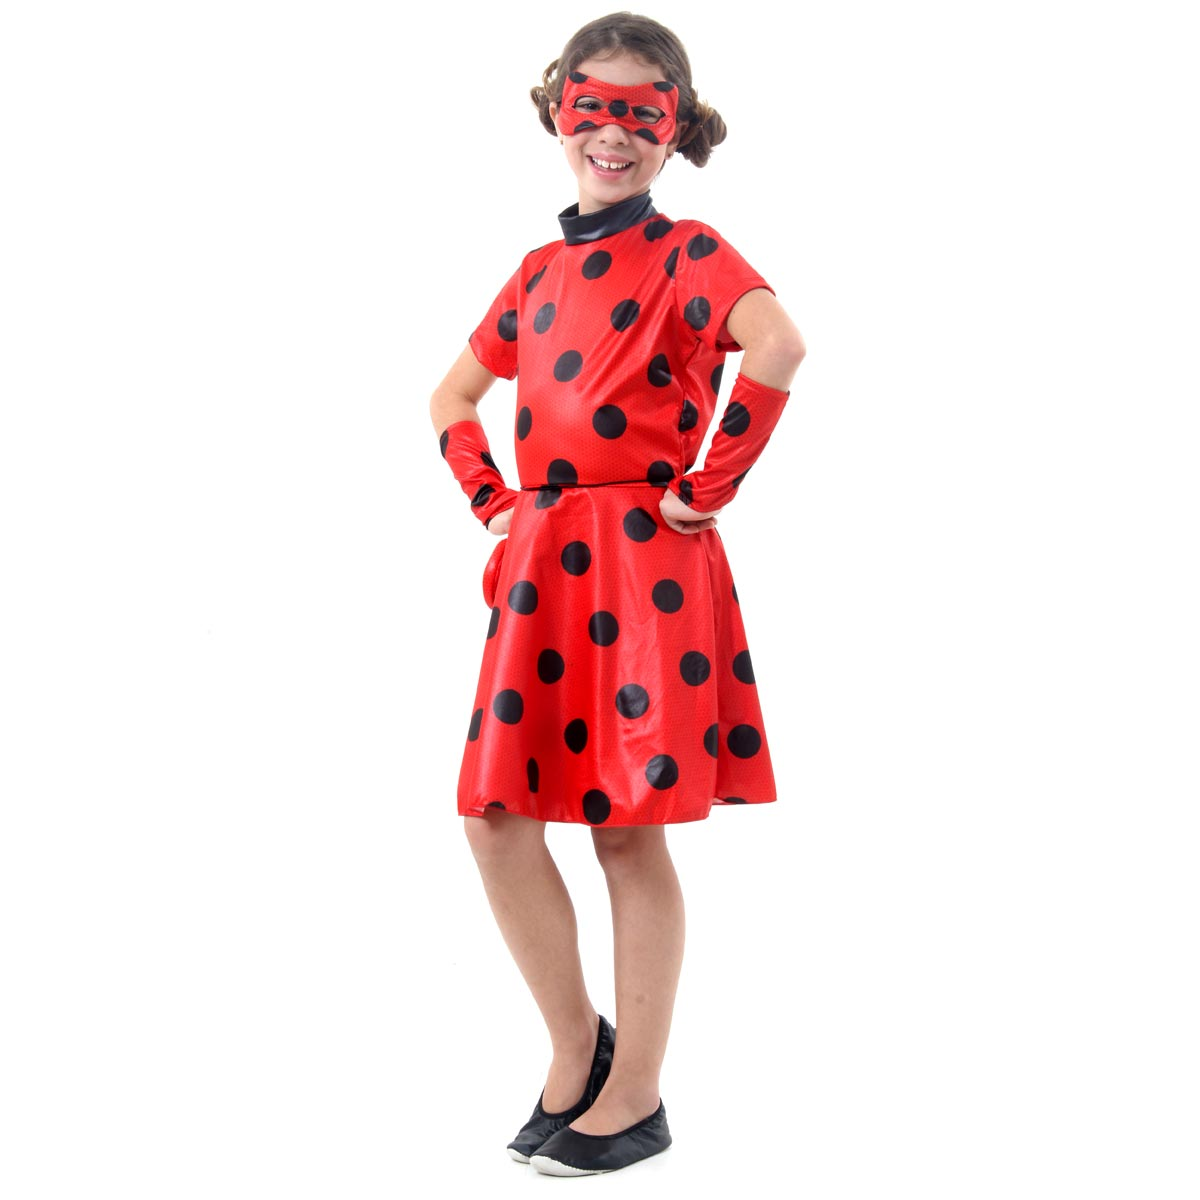 Fantasia Ladybug Infantil Vestido